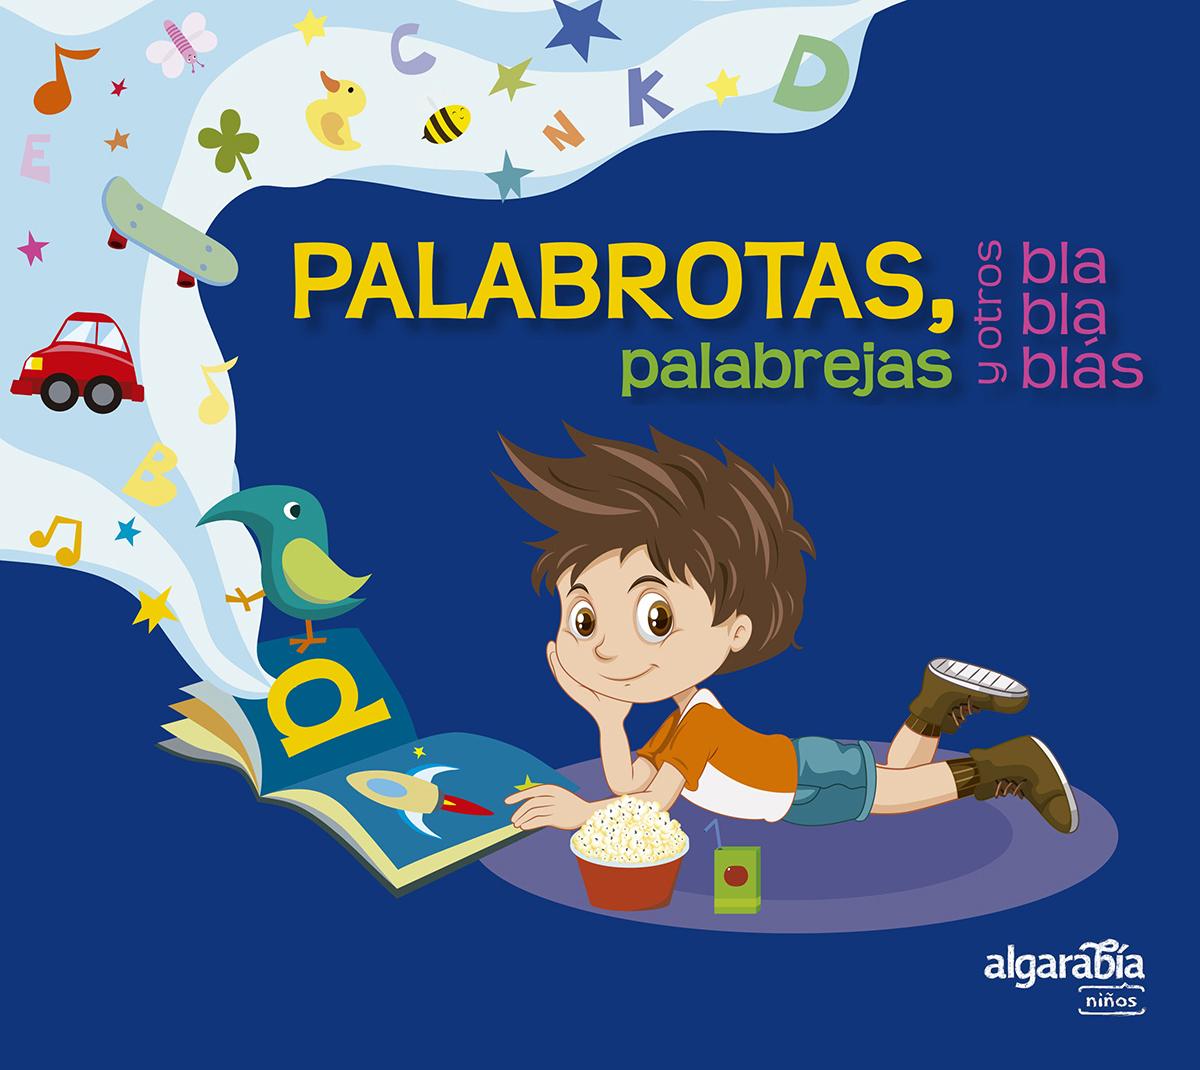 PALABROTAS, PALABREJAS Y OTROS BLABLABLáS